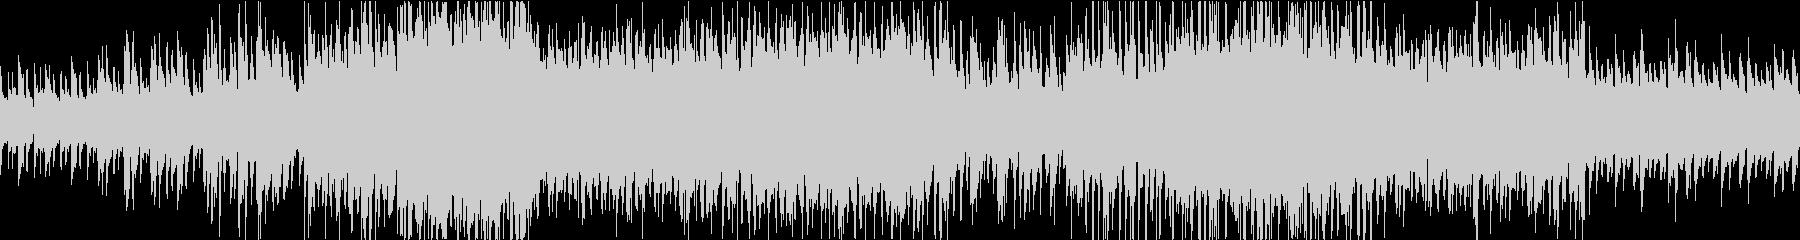 アップテンポのピアノジャズの未再生の波形